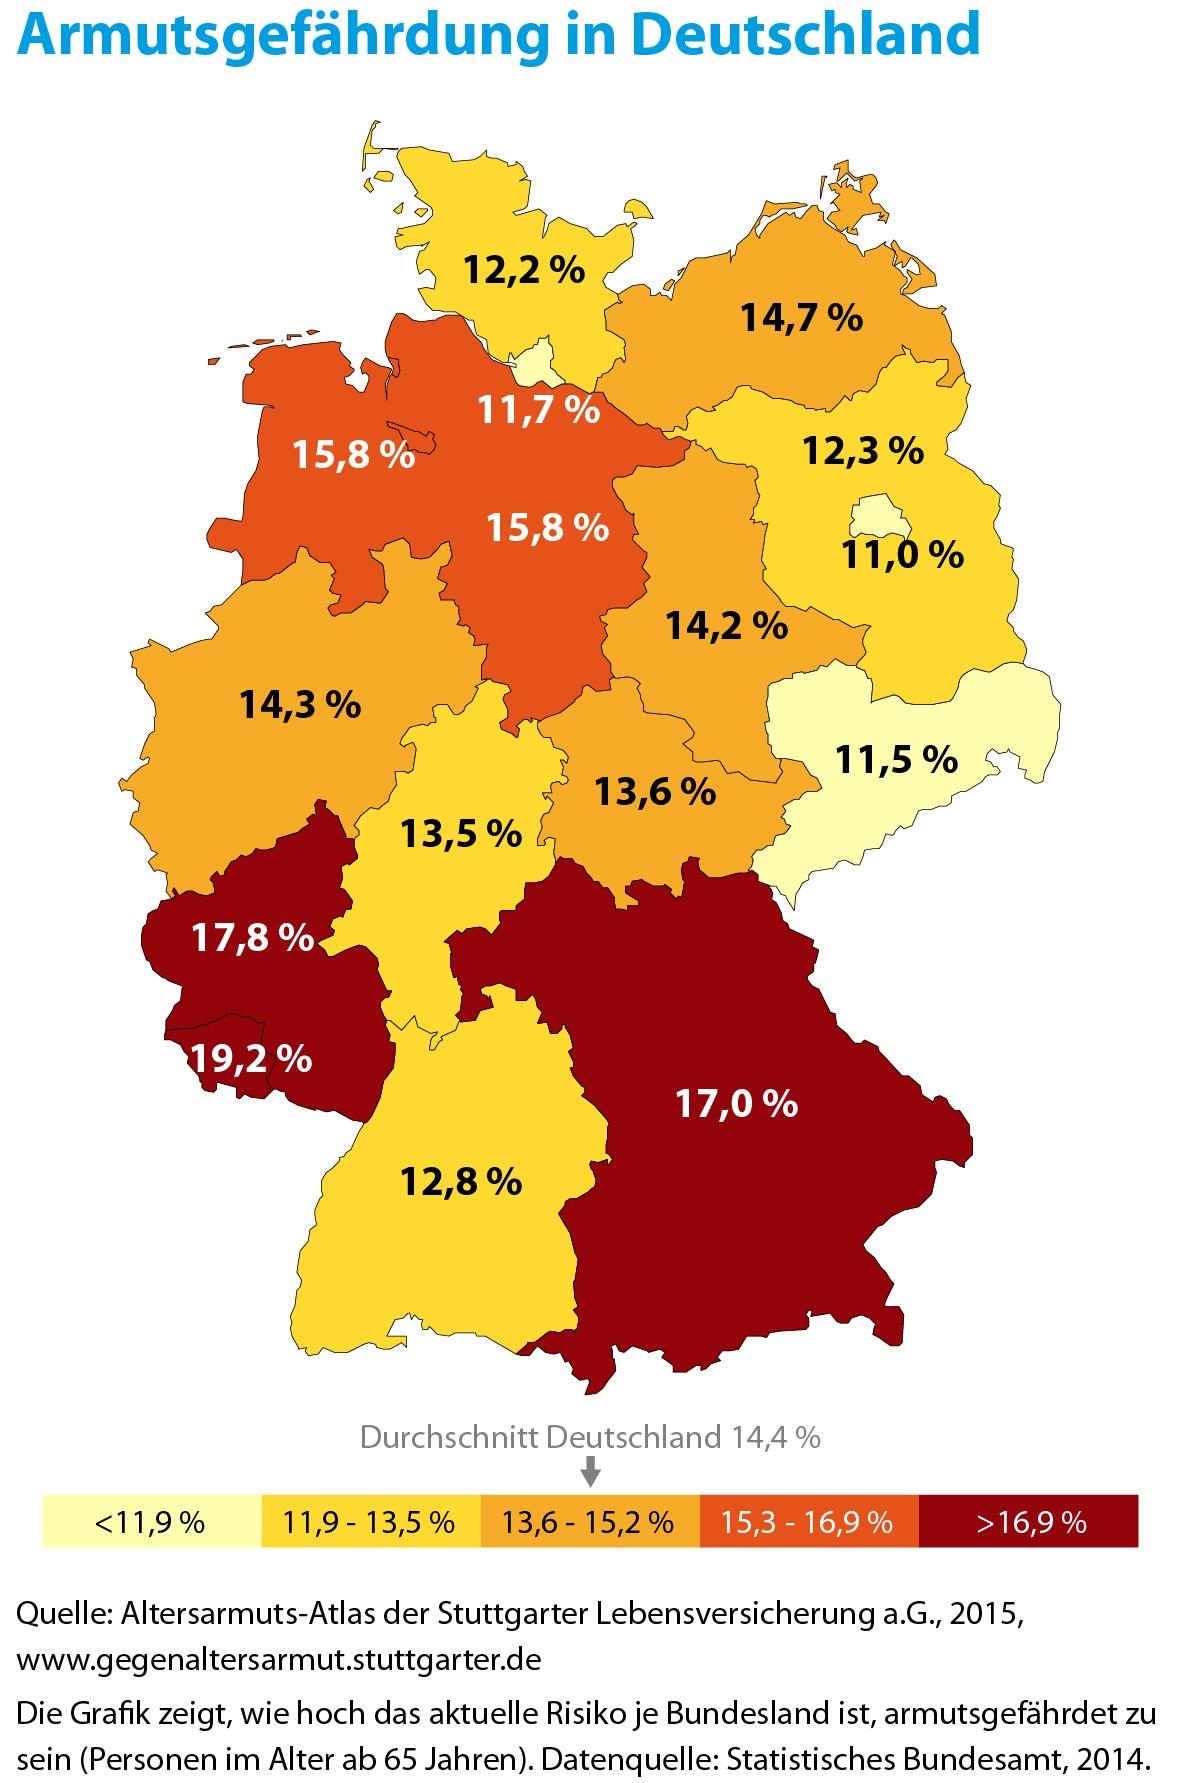 Armutsgefährdung in Deutschalnd